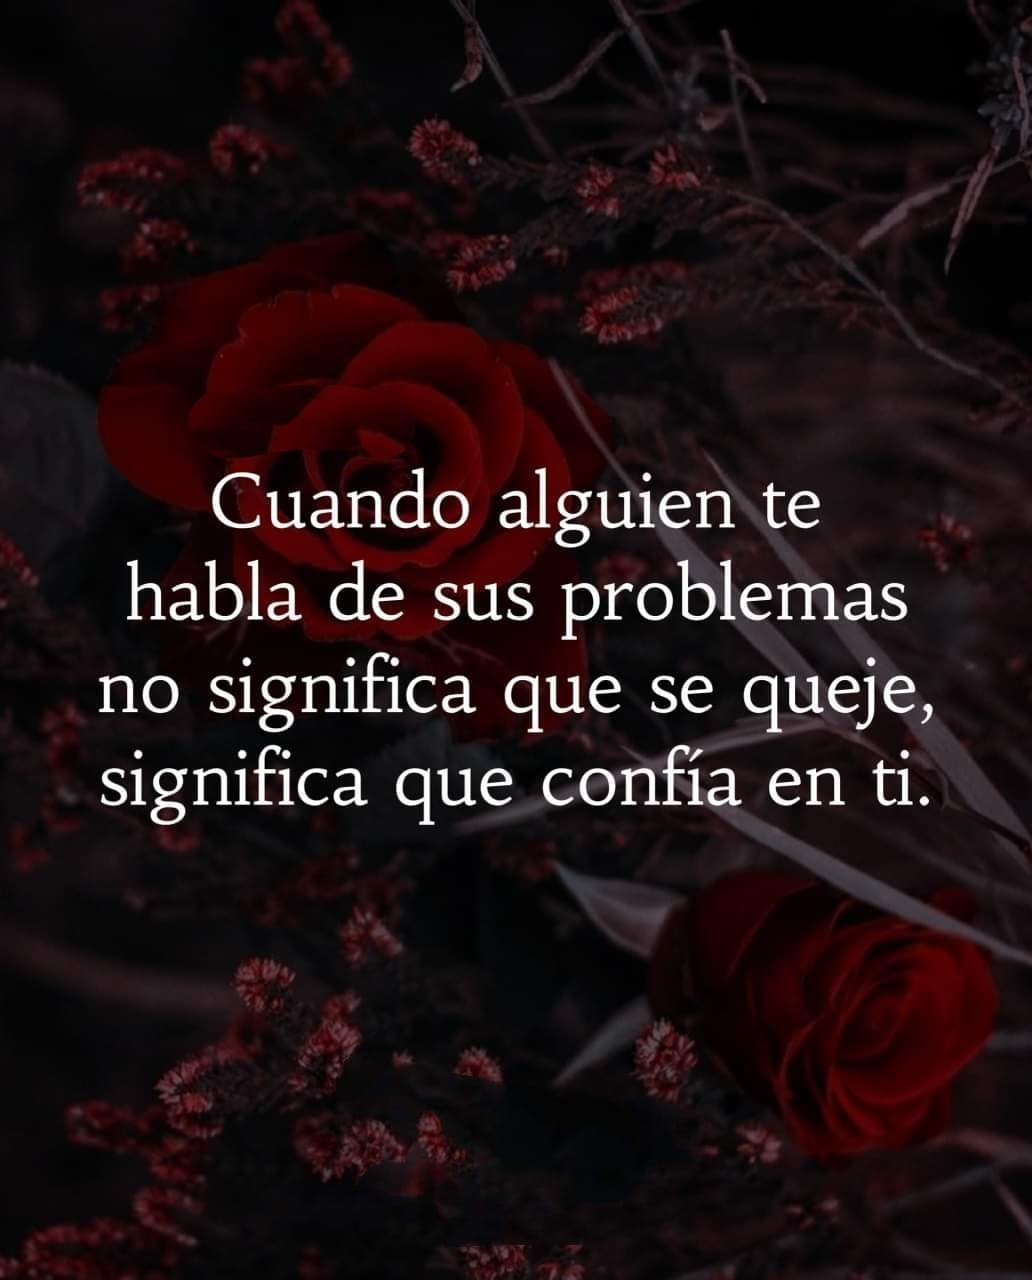 Cuando alguien te habla de sus problemas no significa que confía en ti